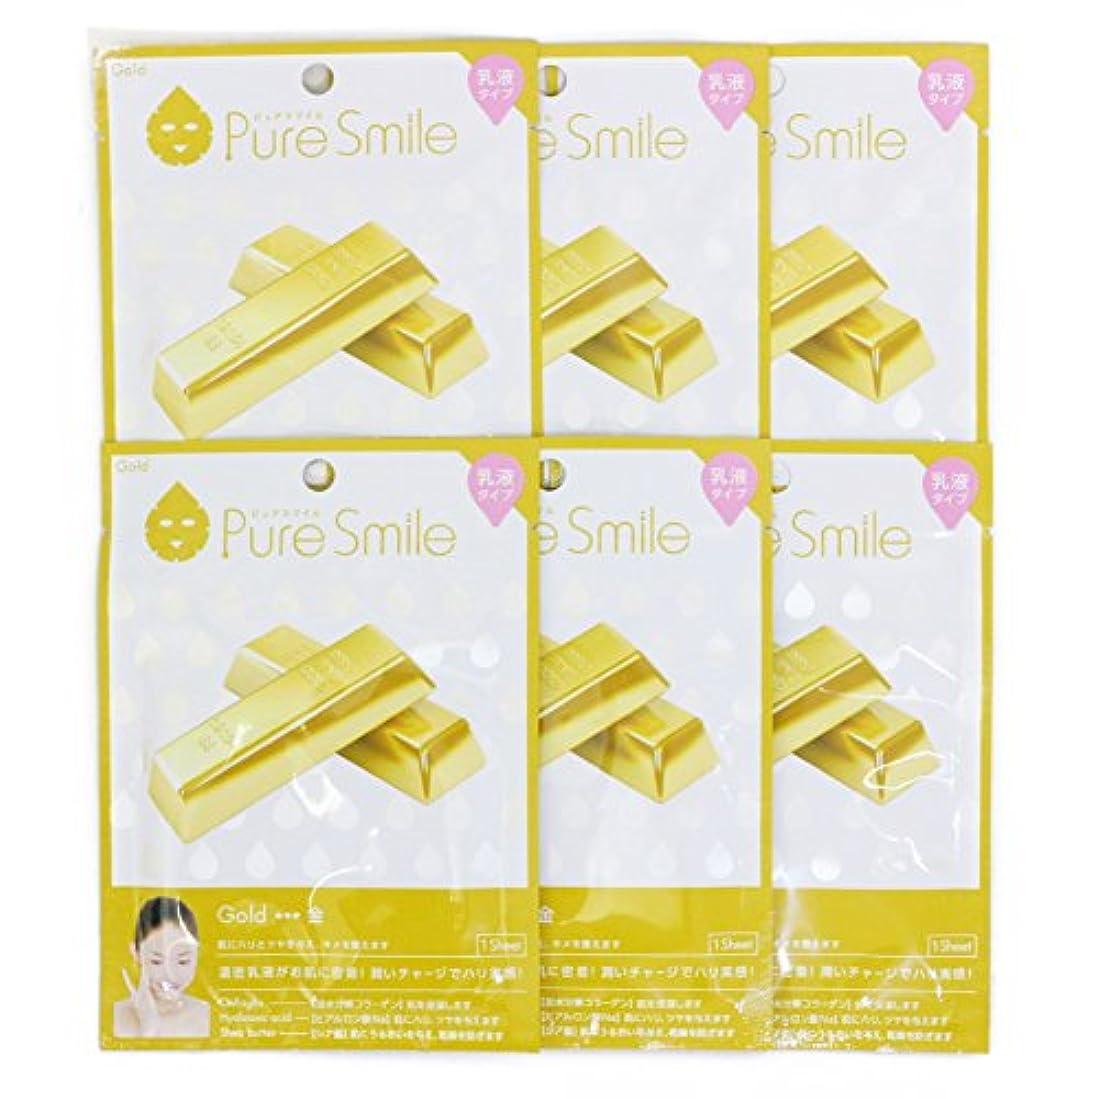 発表感謝想像力豊かなPure Smile ピュアスマイル 乳液エッセンスマスク 金 6枚セット